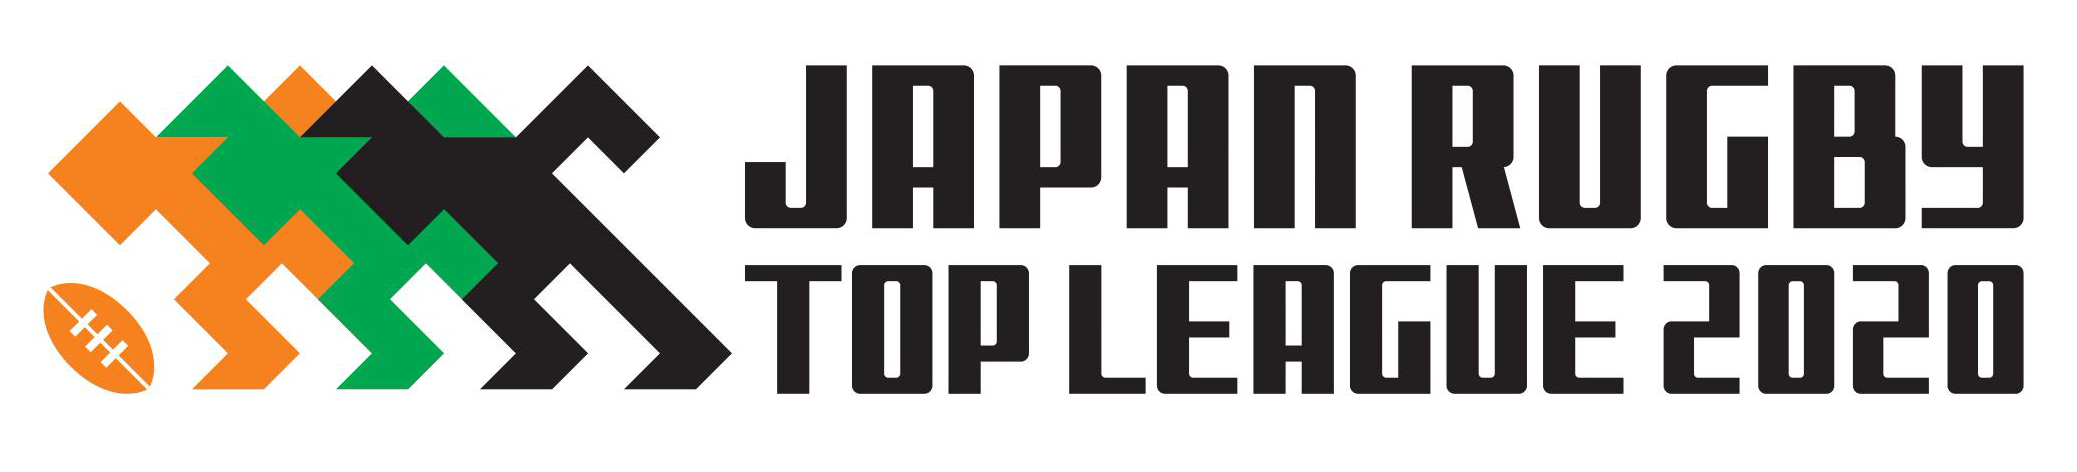 『ジャパンラグビー トップリーグ2020』のチケットが、11月10日(日)10:00から一般販売される